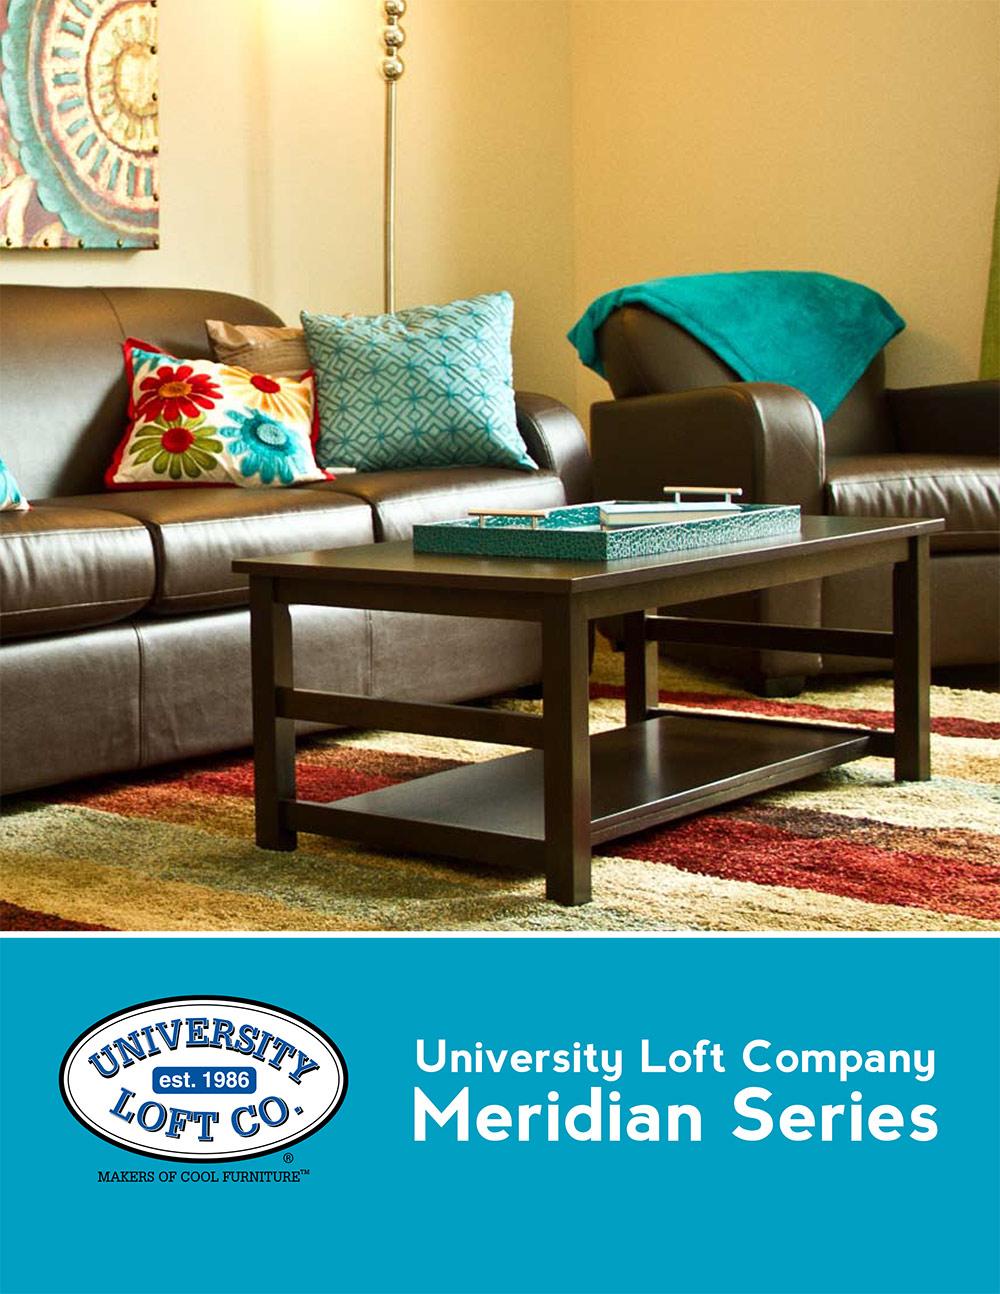 Meridian Series Brochure